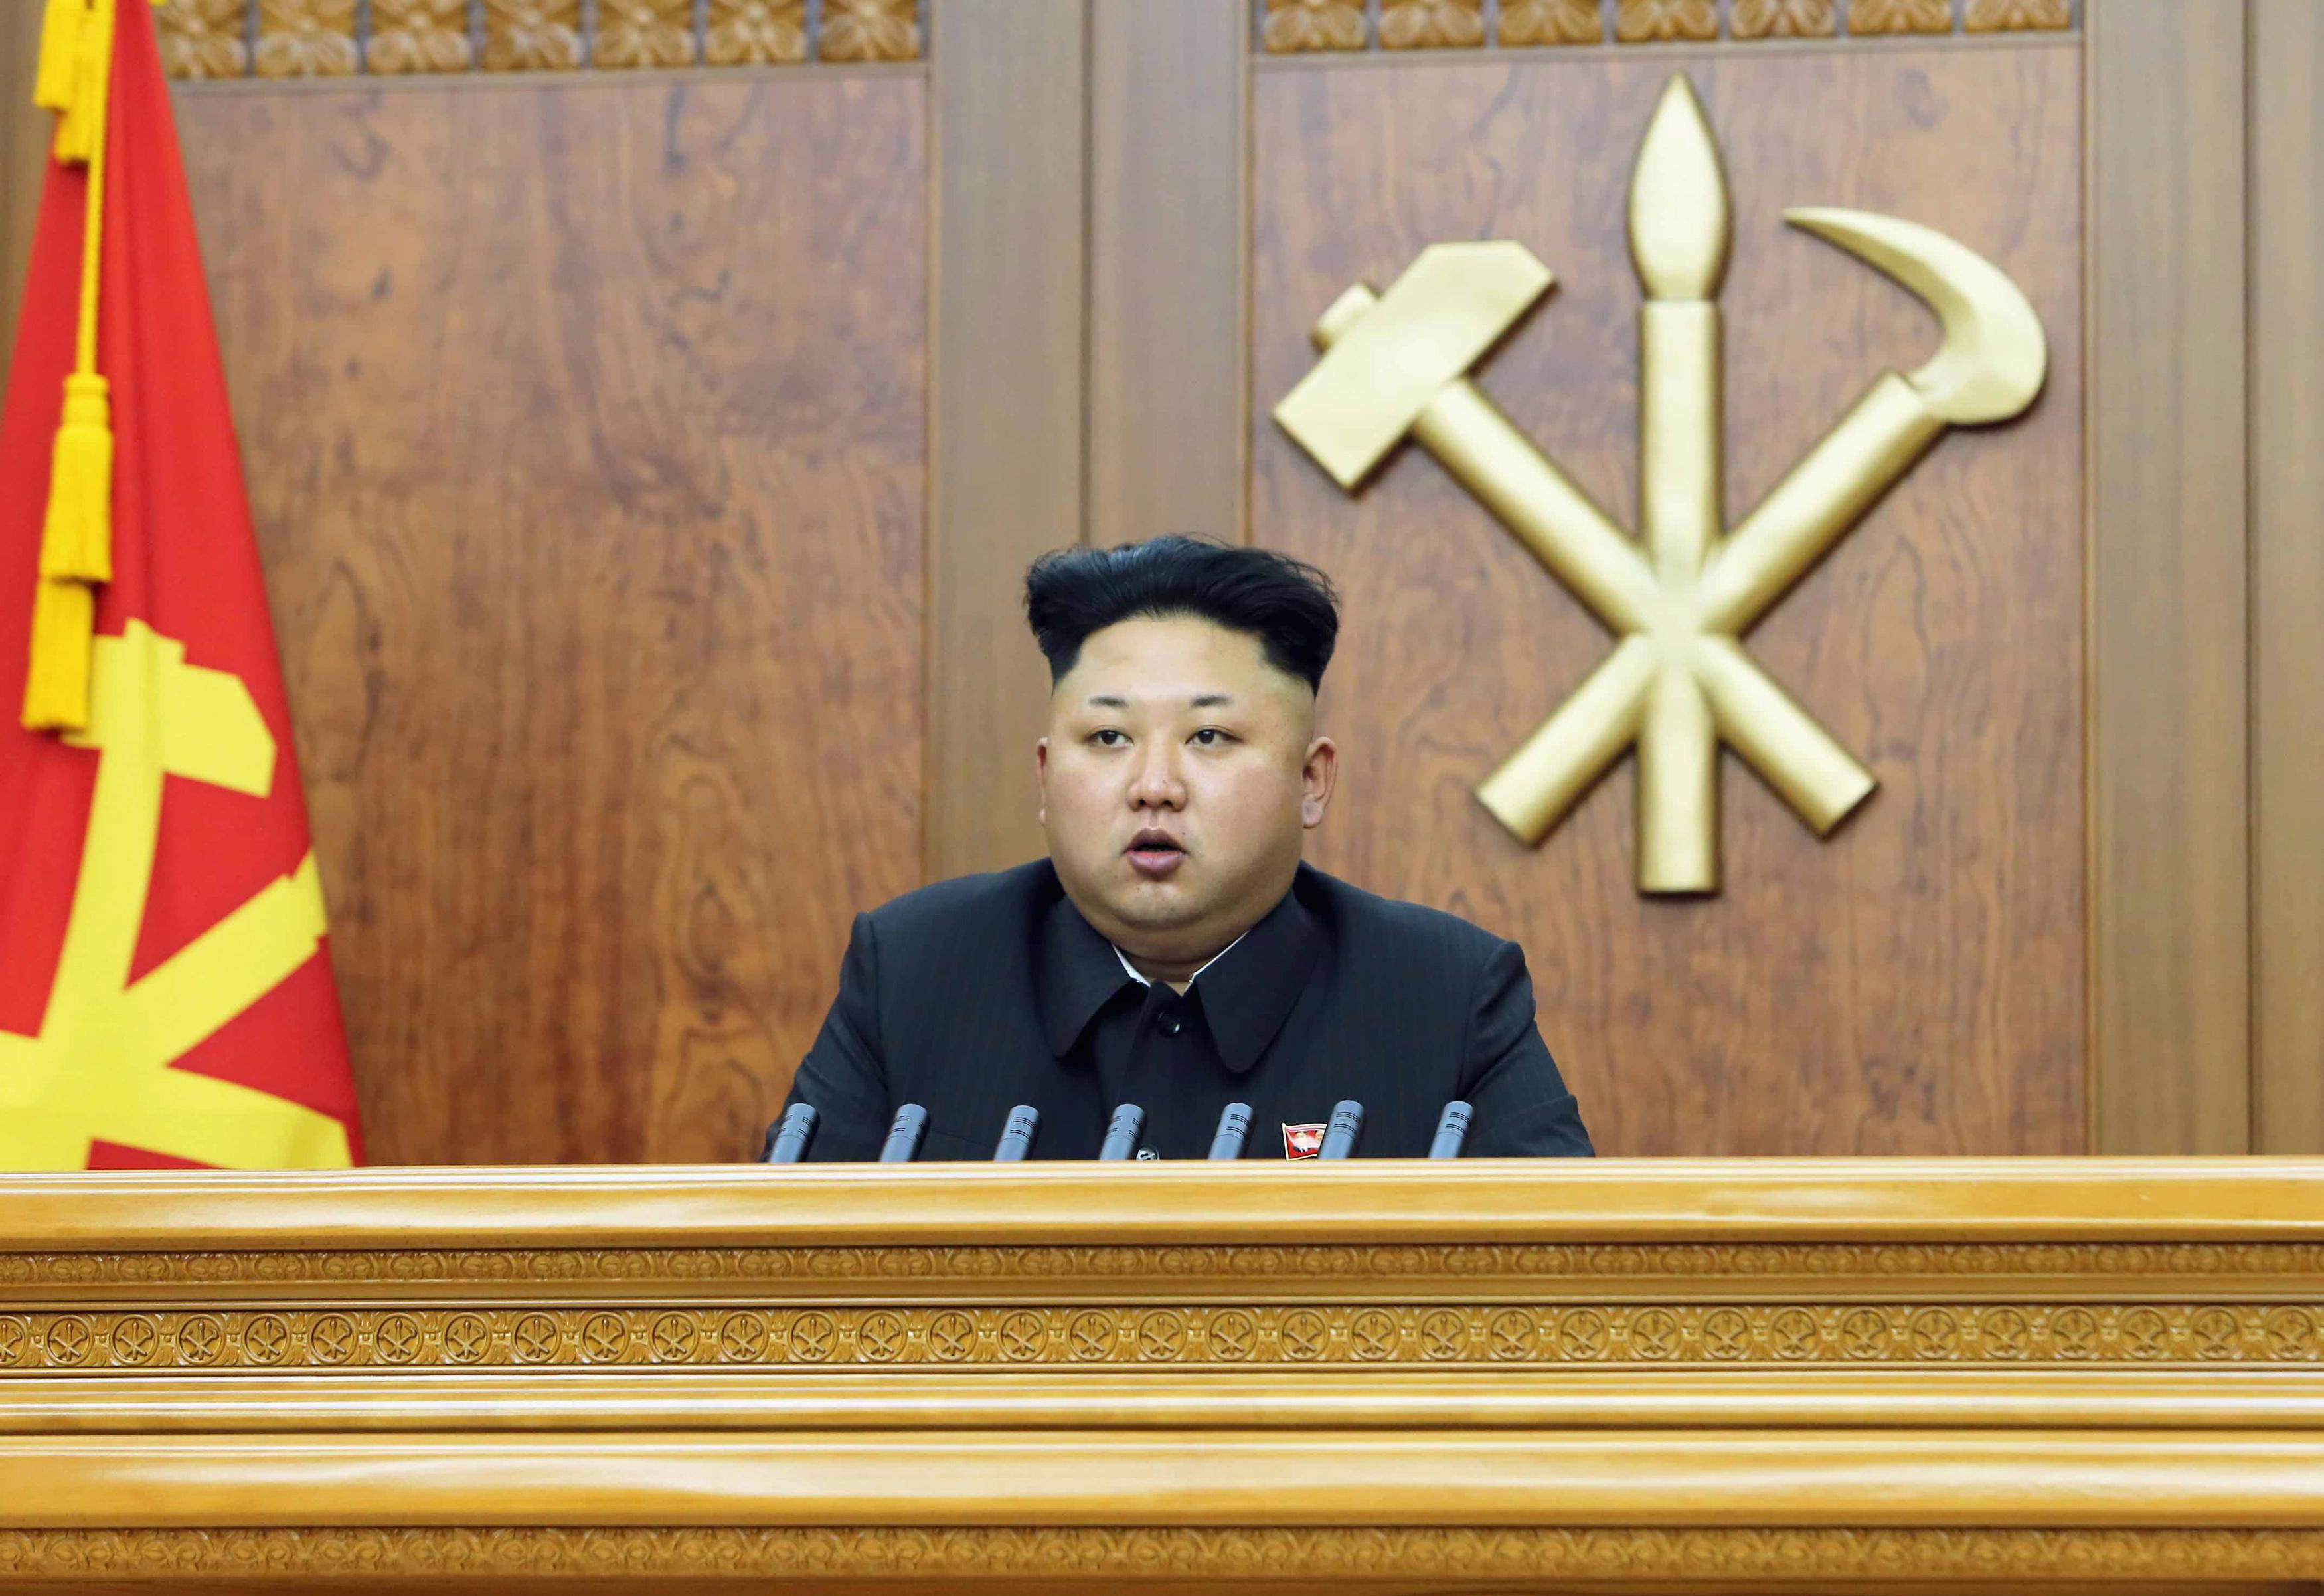 Koreja e Jugut plan për vrasjen e Kim Jong Un